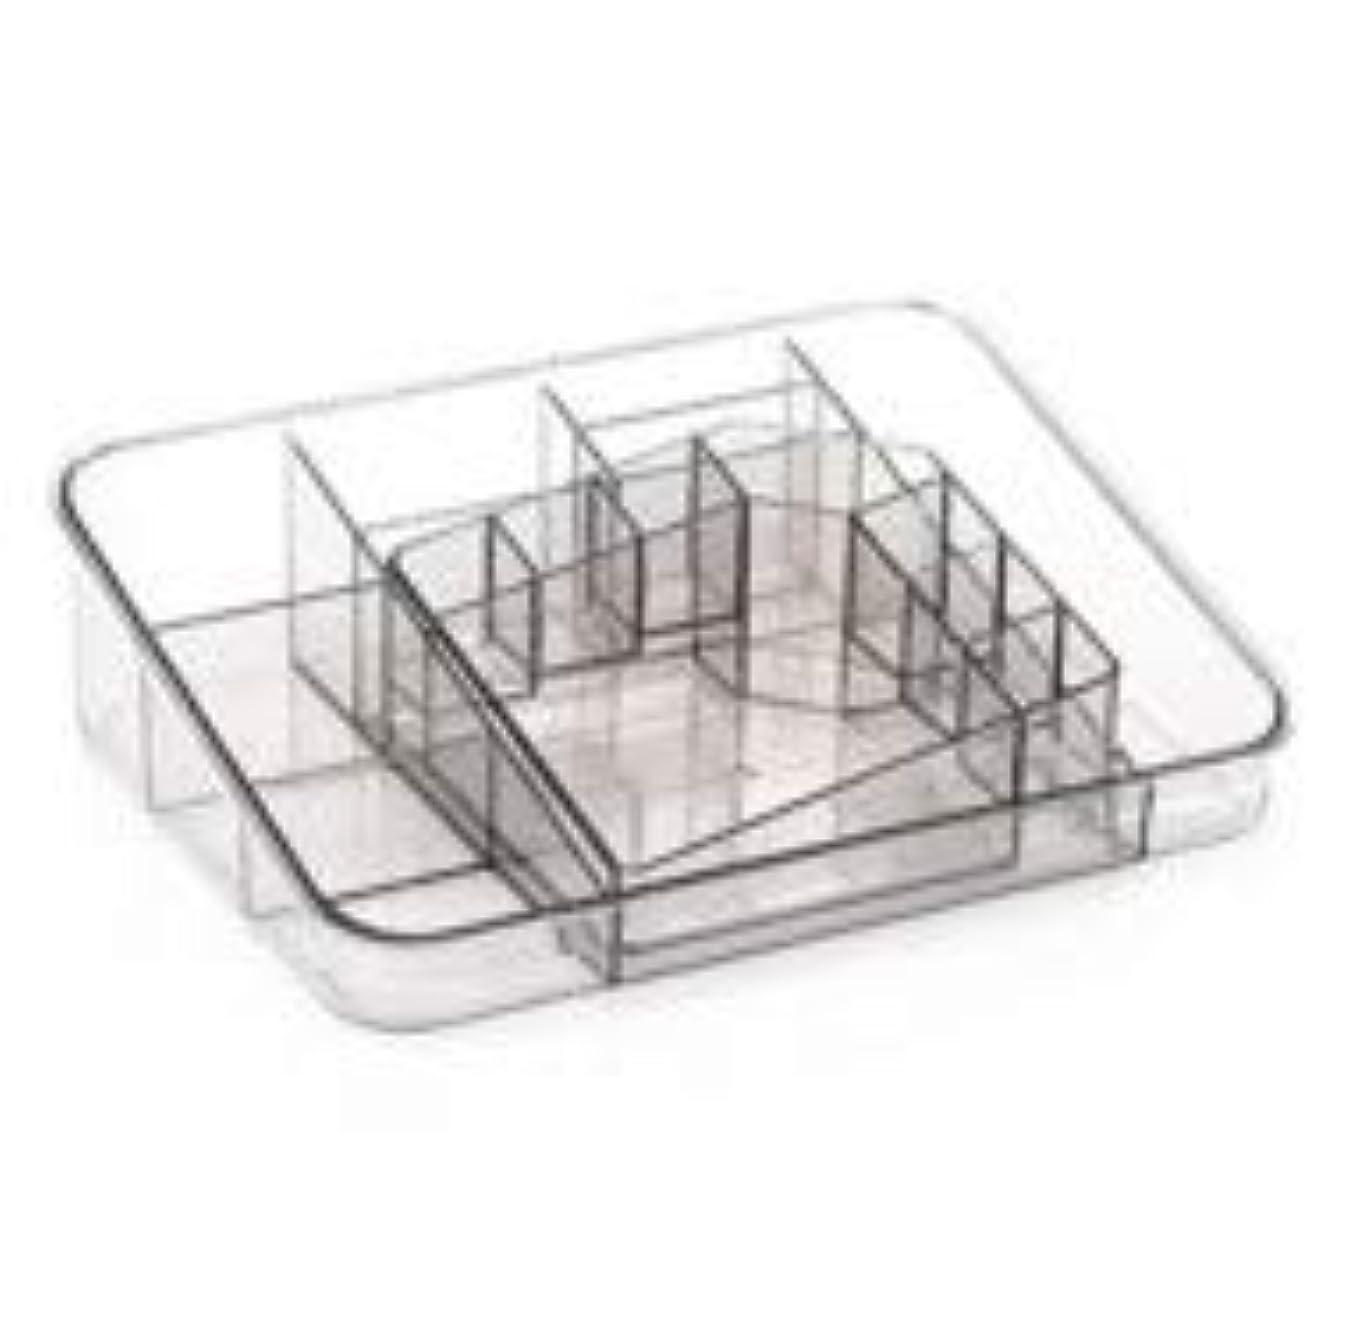 通信するほうきルーフ透明アクリル化粧品収納ボックスサイズの組み合わせツーピース多分割化粧品デスクトップ仕上げボックス (Color : グレー)